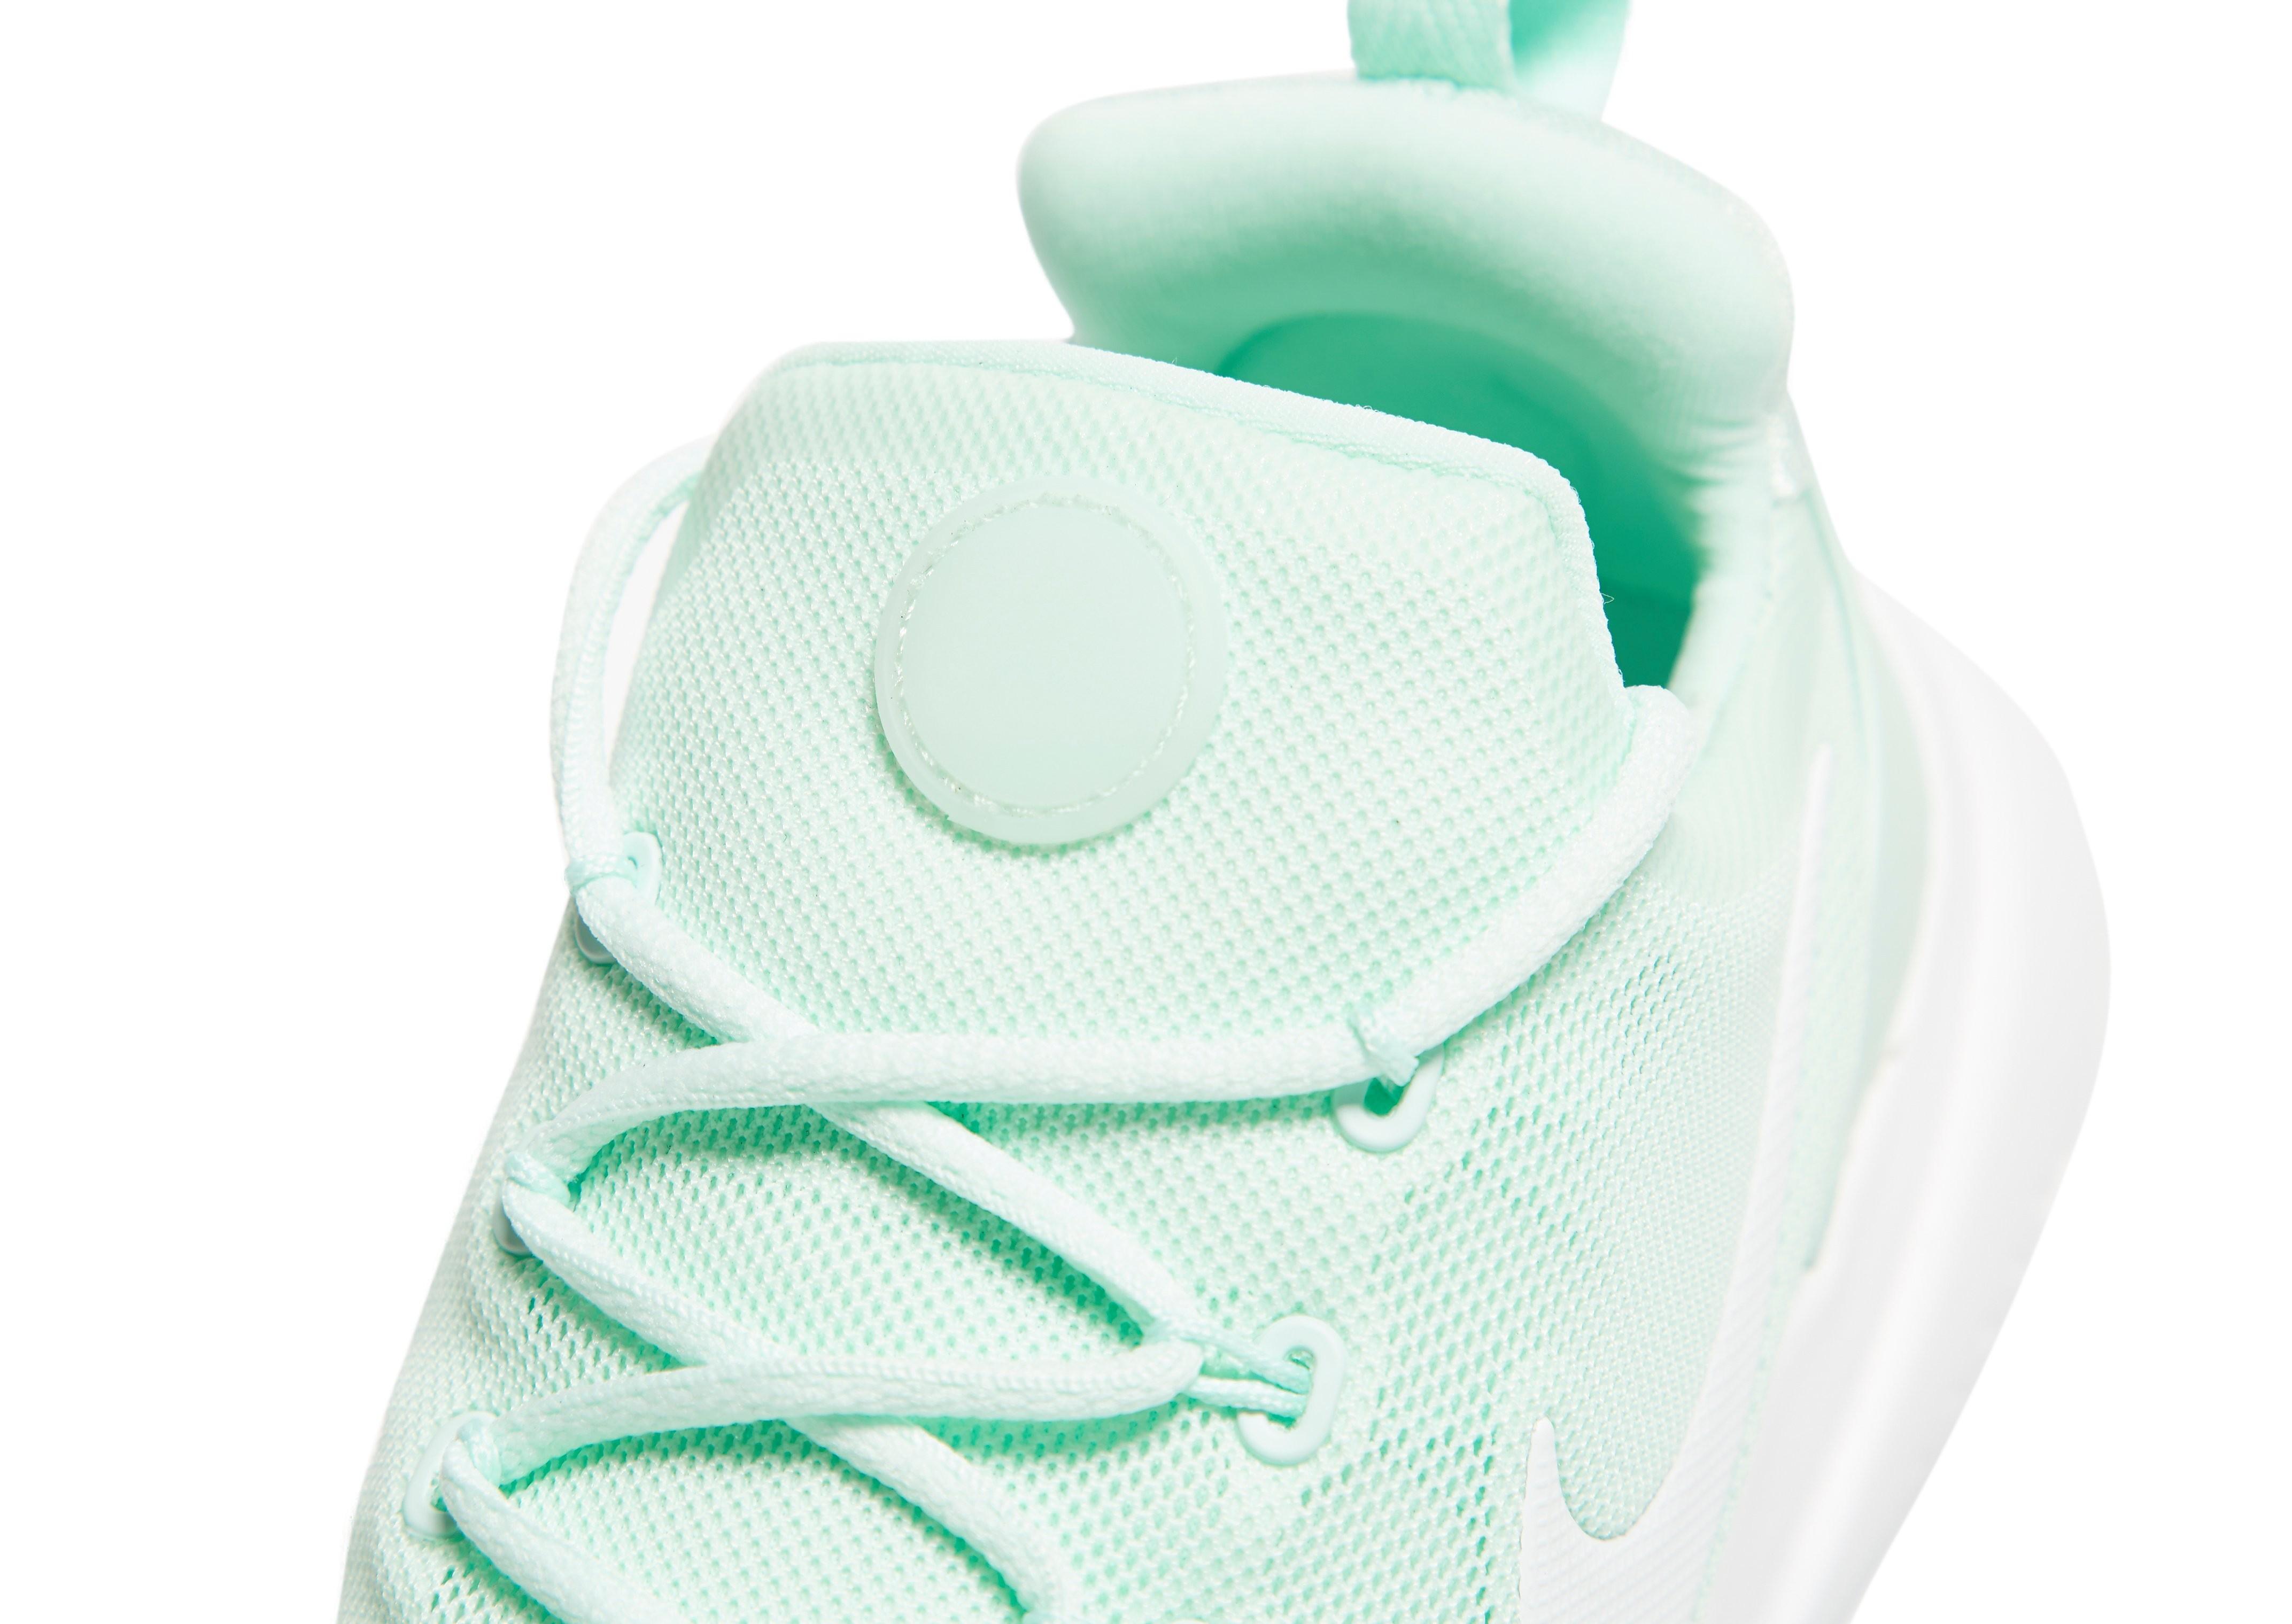 Nike Presto Fly júnior